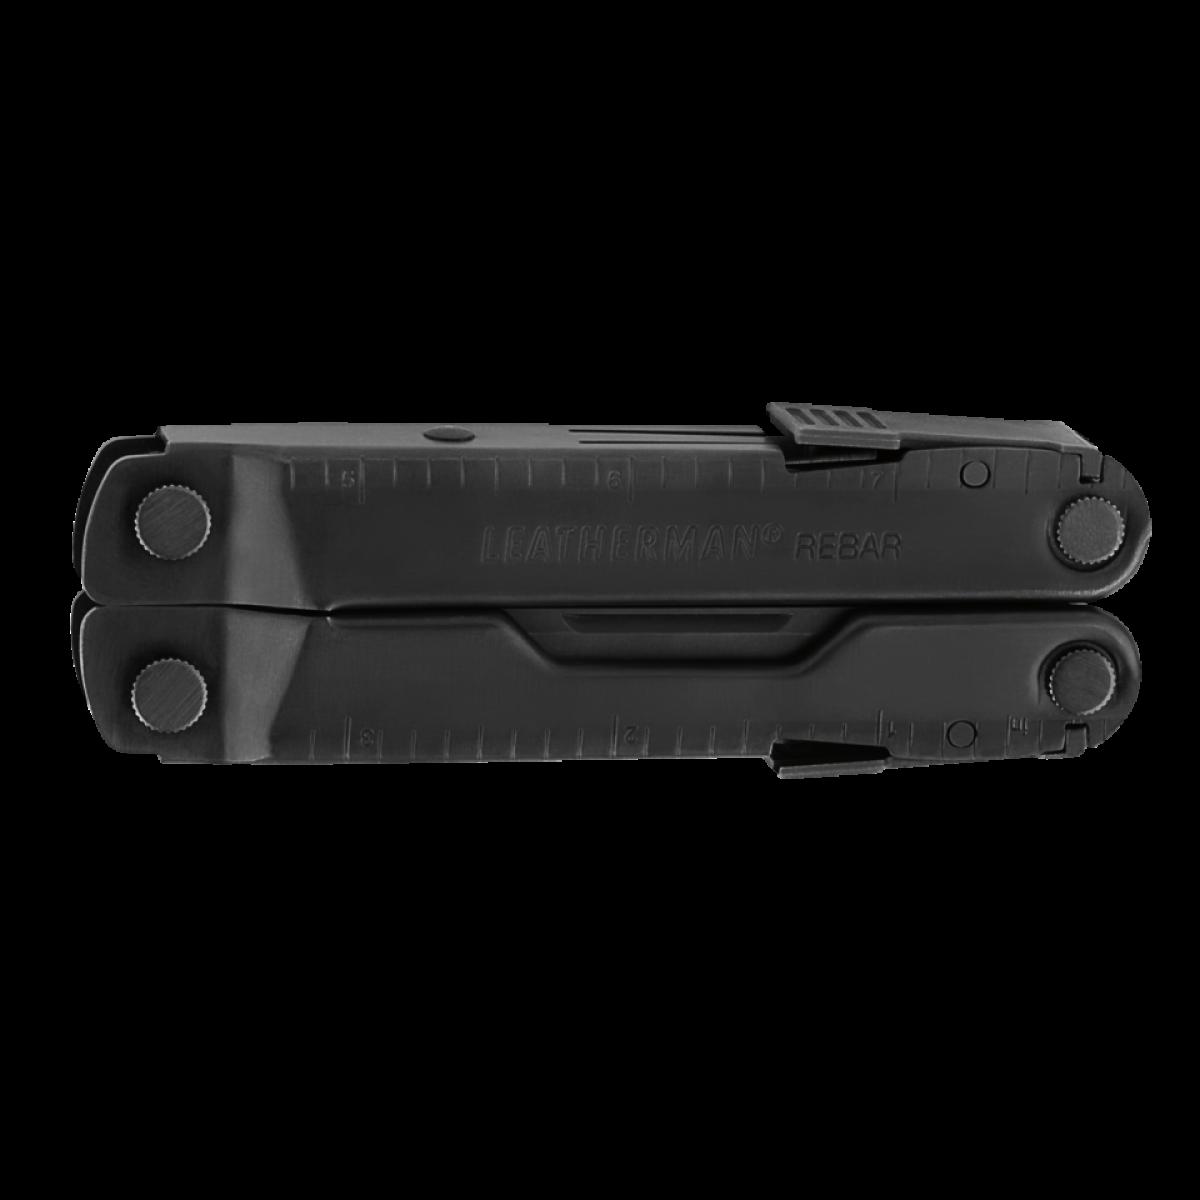 Leatherman multitool REBAR BLACK-31